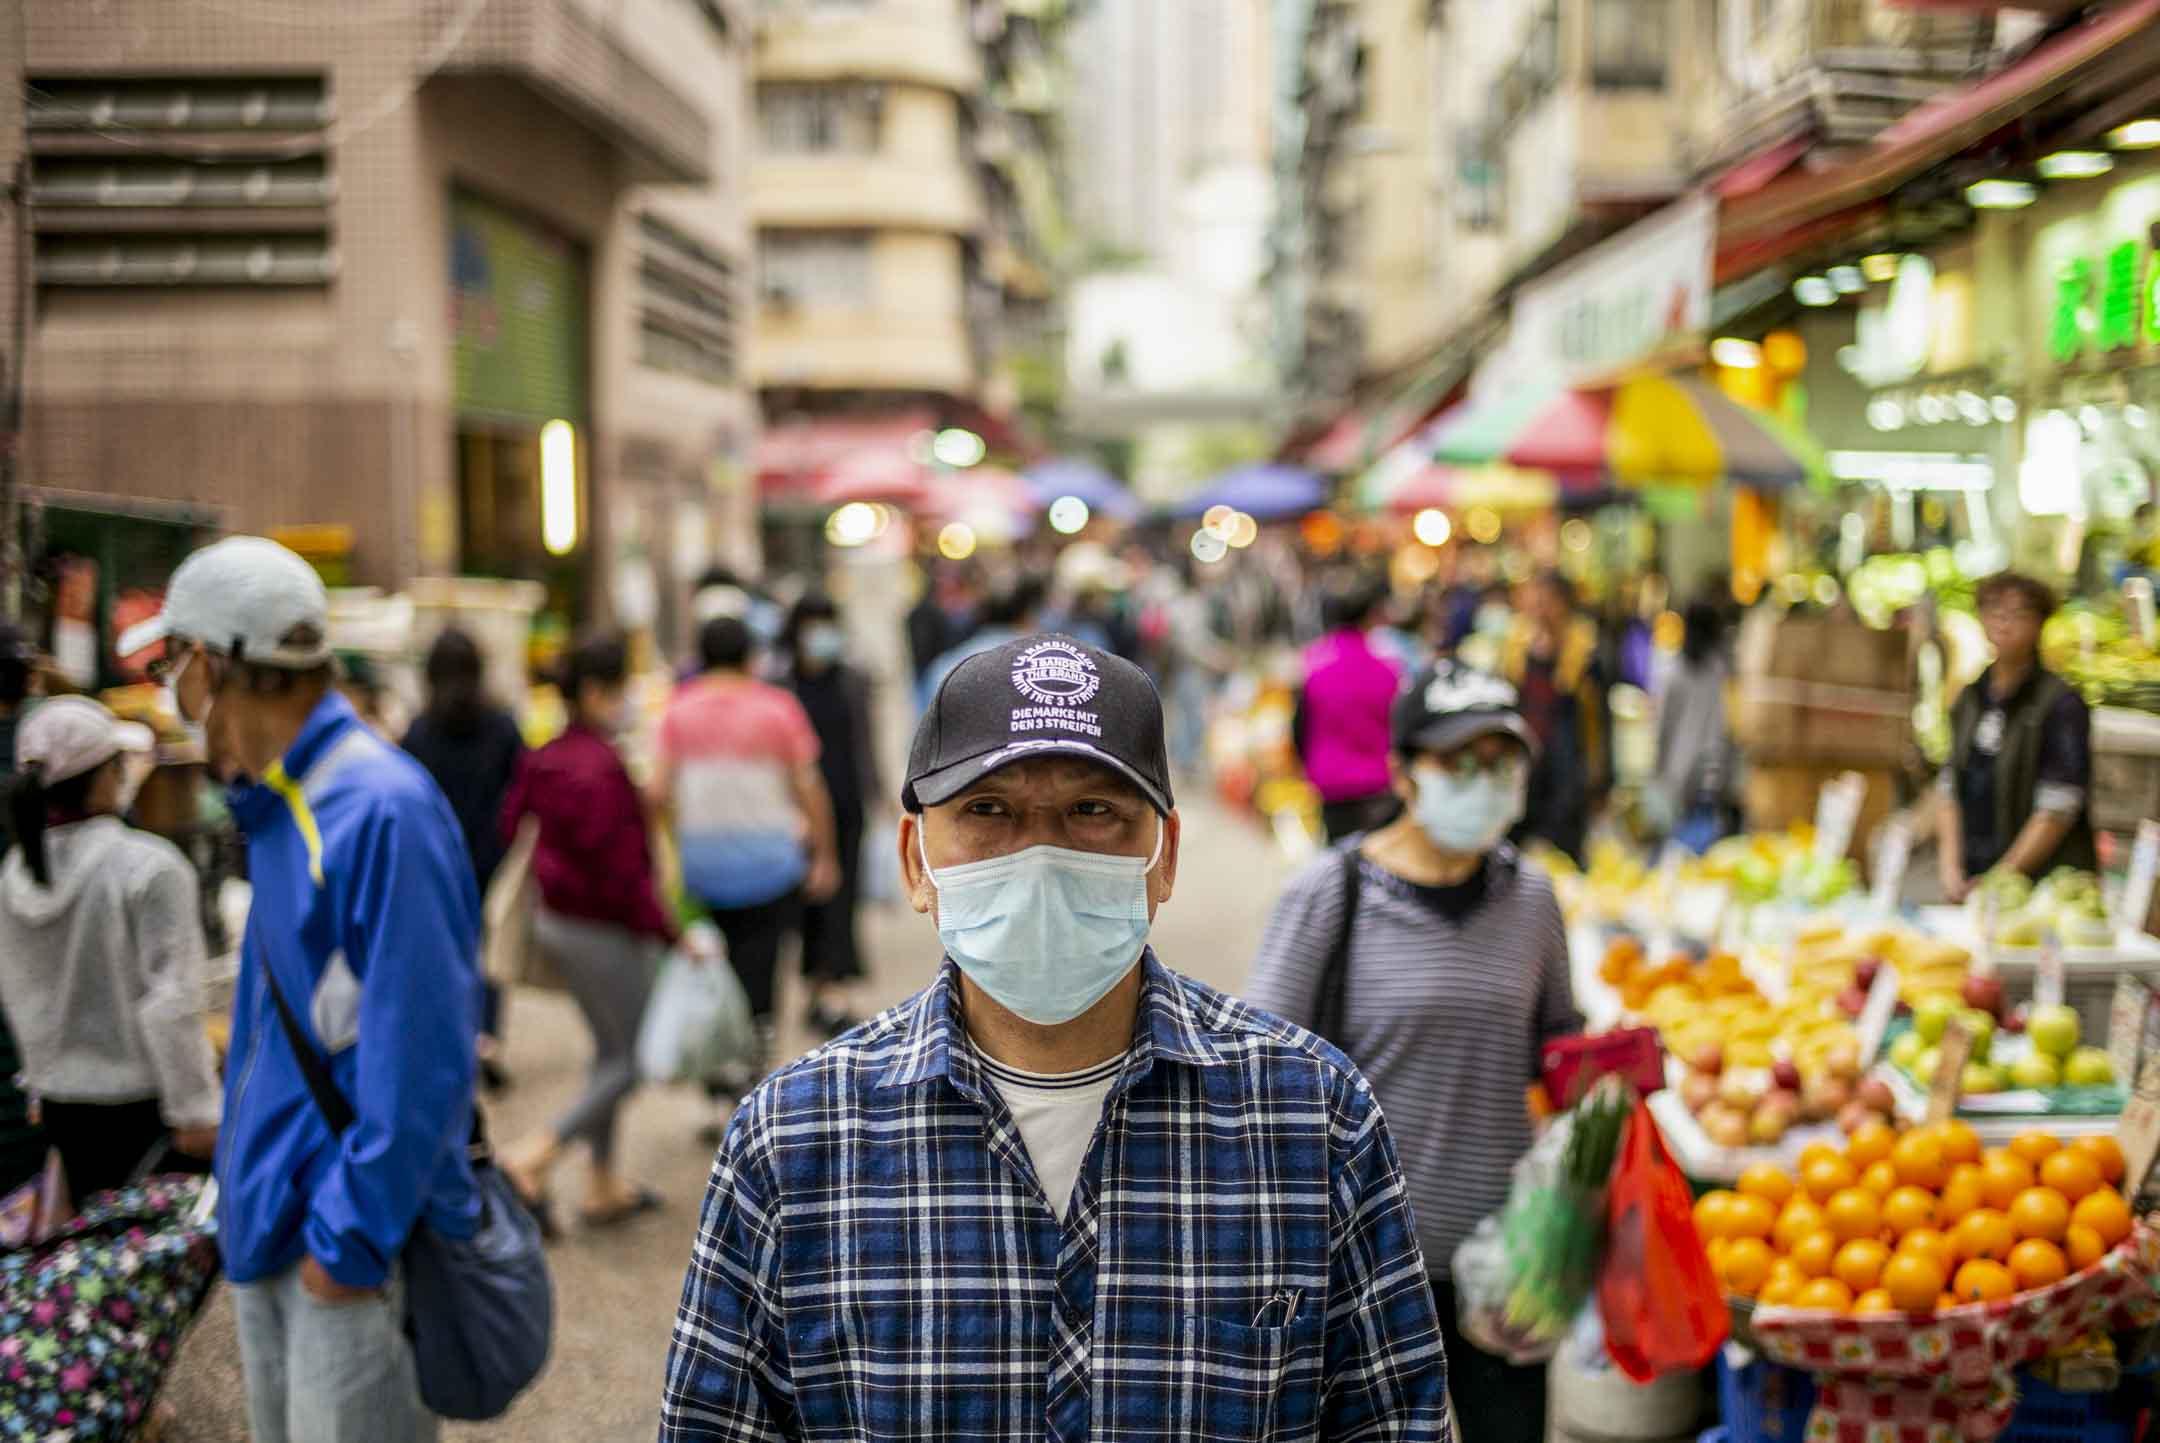 66歲的阿來是一名中港速遞「步兵」——以人手送貨,往來中港兩地,但因疫情封關而失業。 攝:林振東/端傳媒